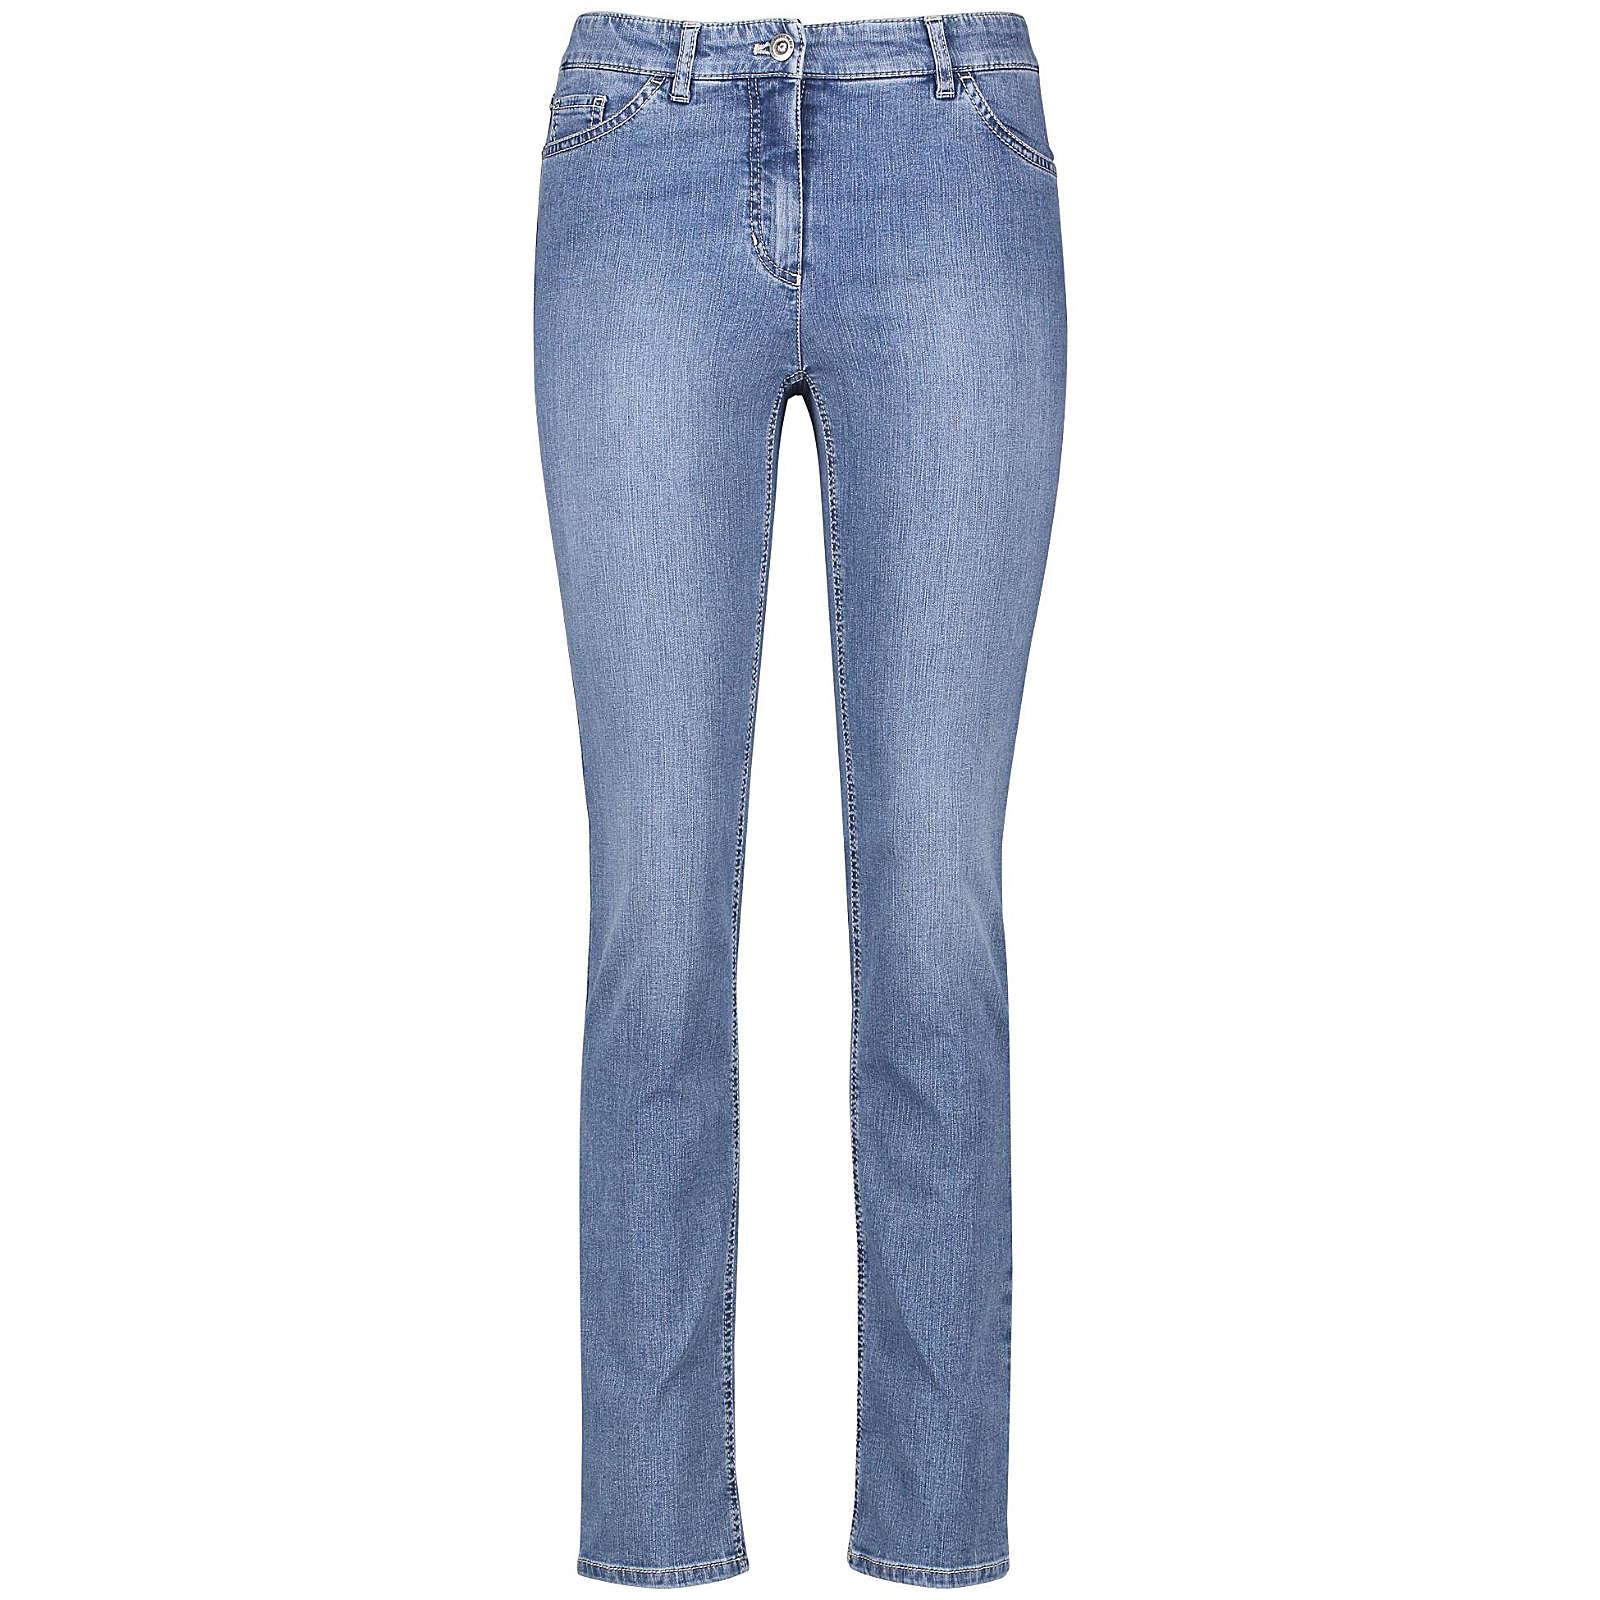 Gerry Weber Hose Jeans lang 5-Pocket Jeans Straight Fit Romy blau Damen Gr. 44